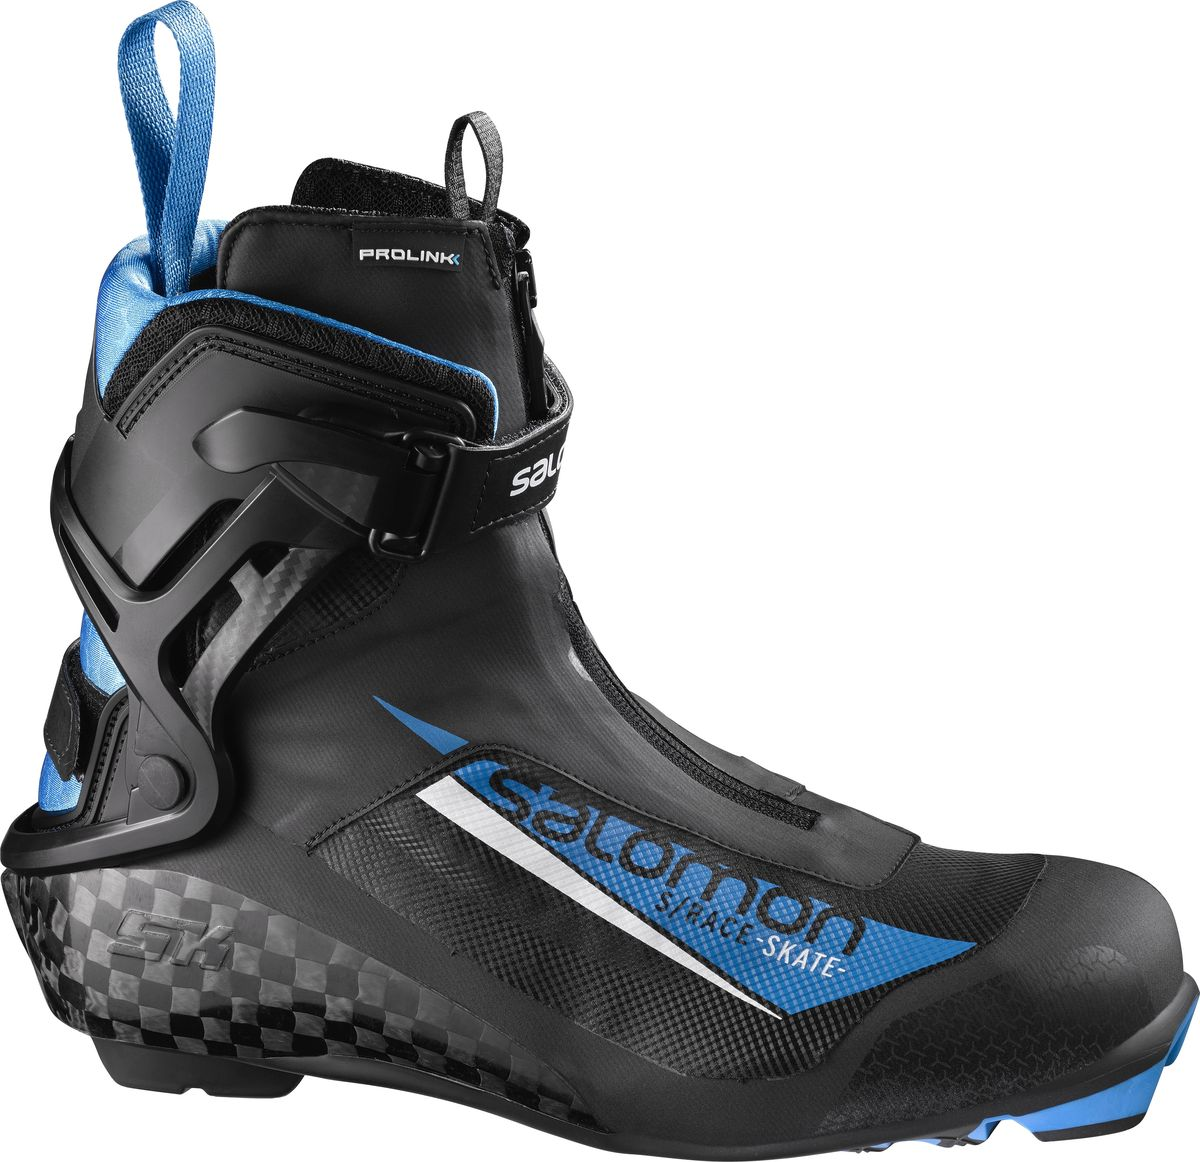 Ботинки лыжные мужские Salomon S/Race Skate Prolink, цвет: черный. Размер 10 (43) dekline men s mason skate shoe